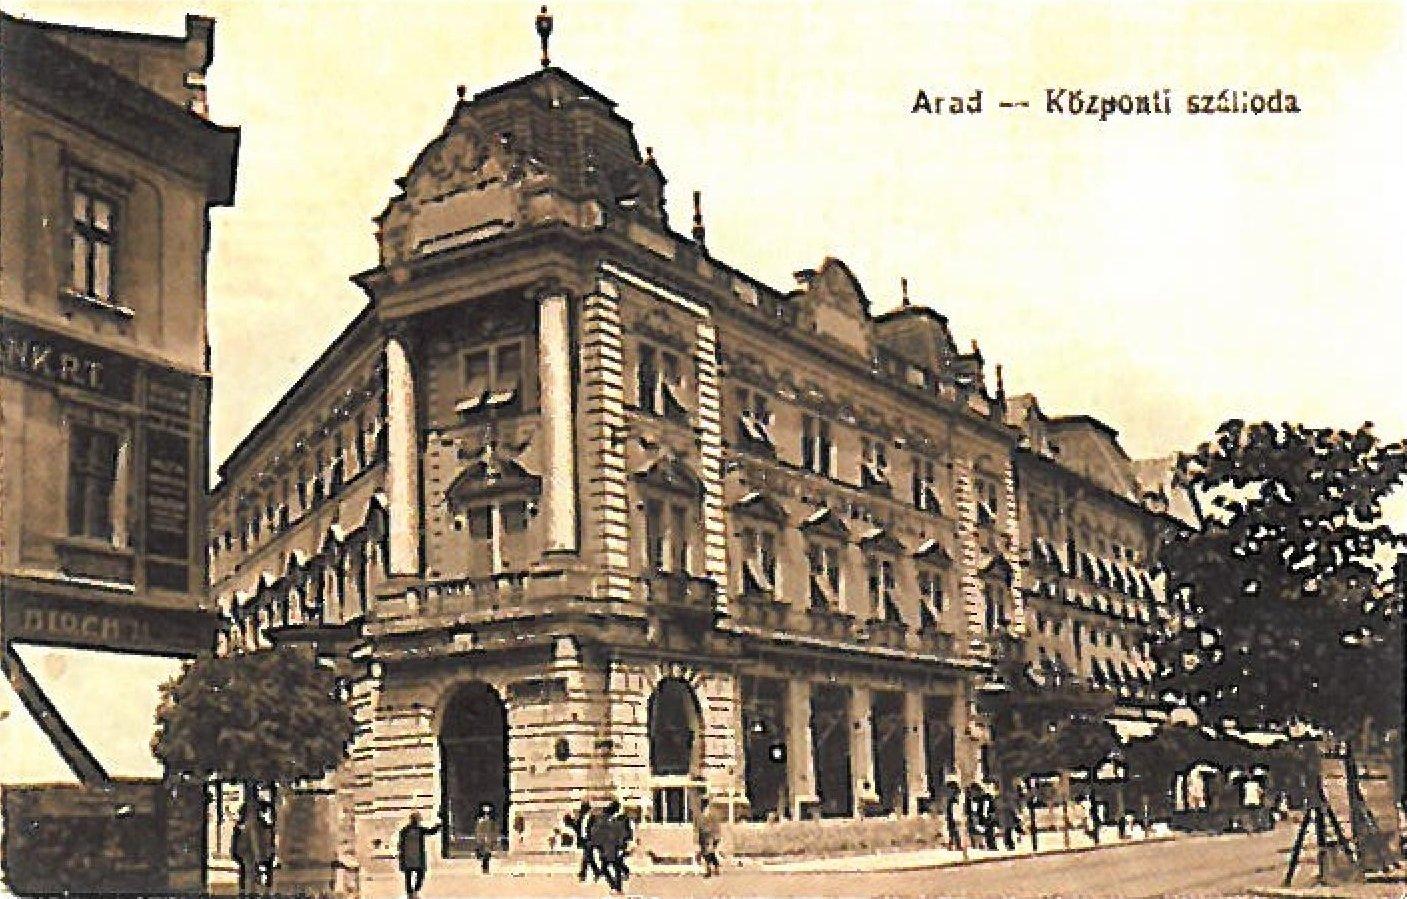 Aradi Kozponti szalloda 1900